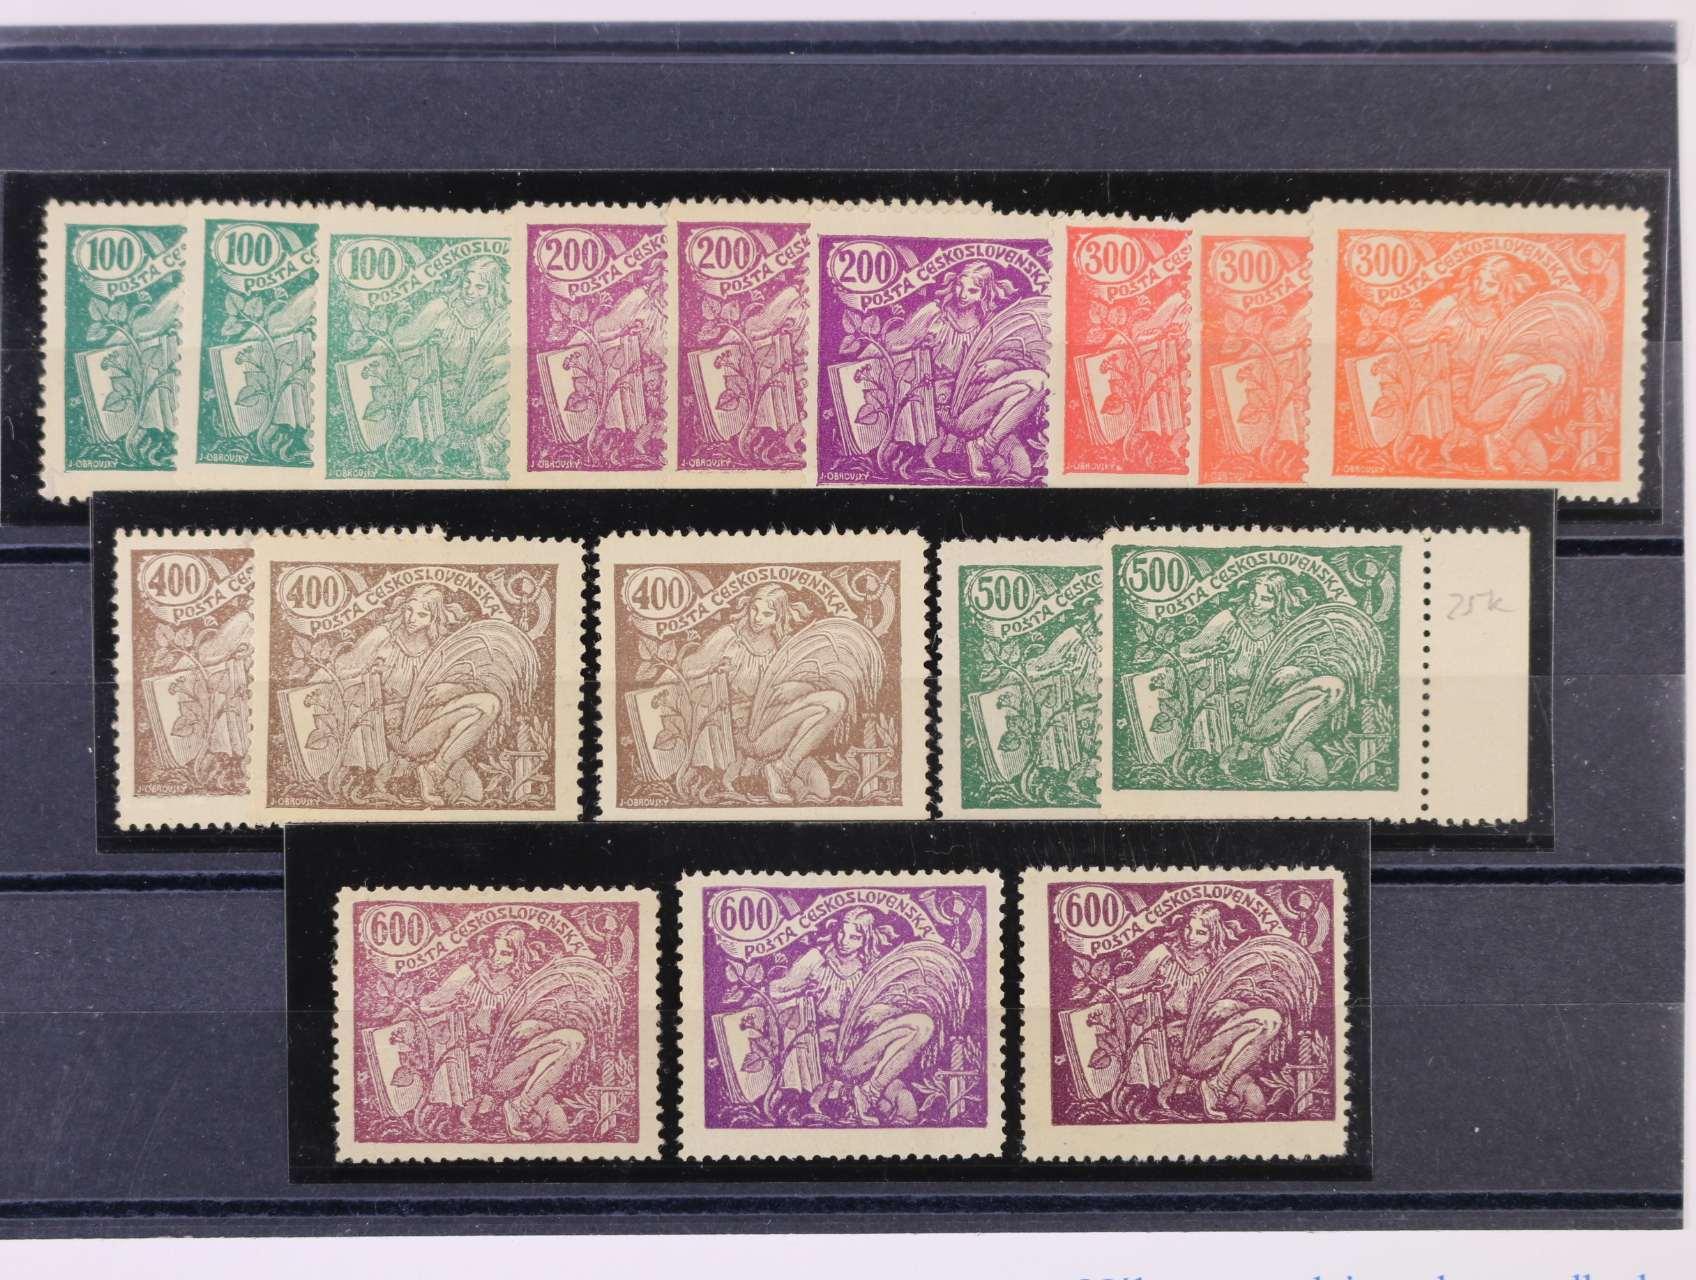 zn. č. 164 A - 169 A - sestava 17 ks, různé barvy, typy, cca 1800 Kč